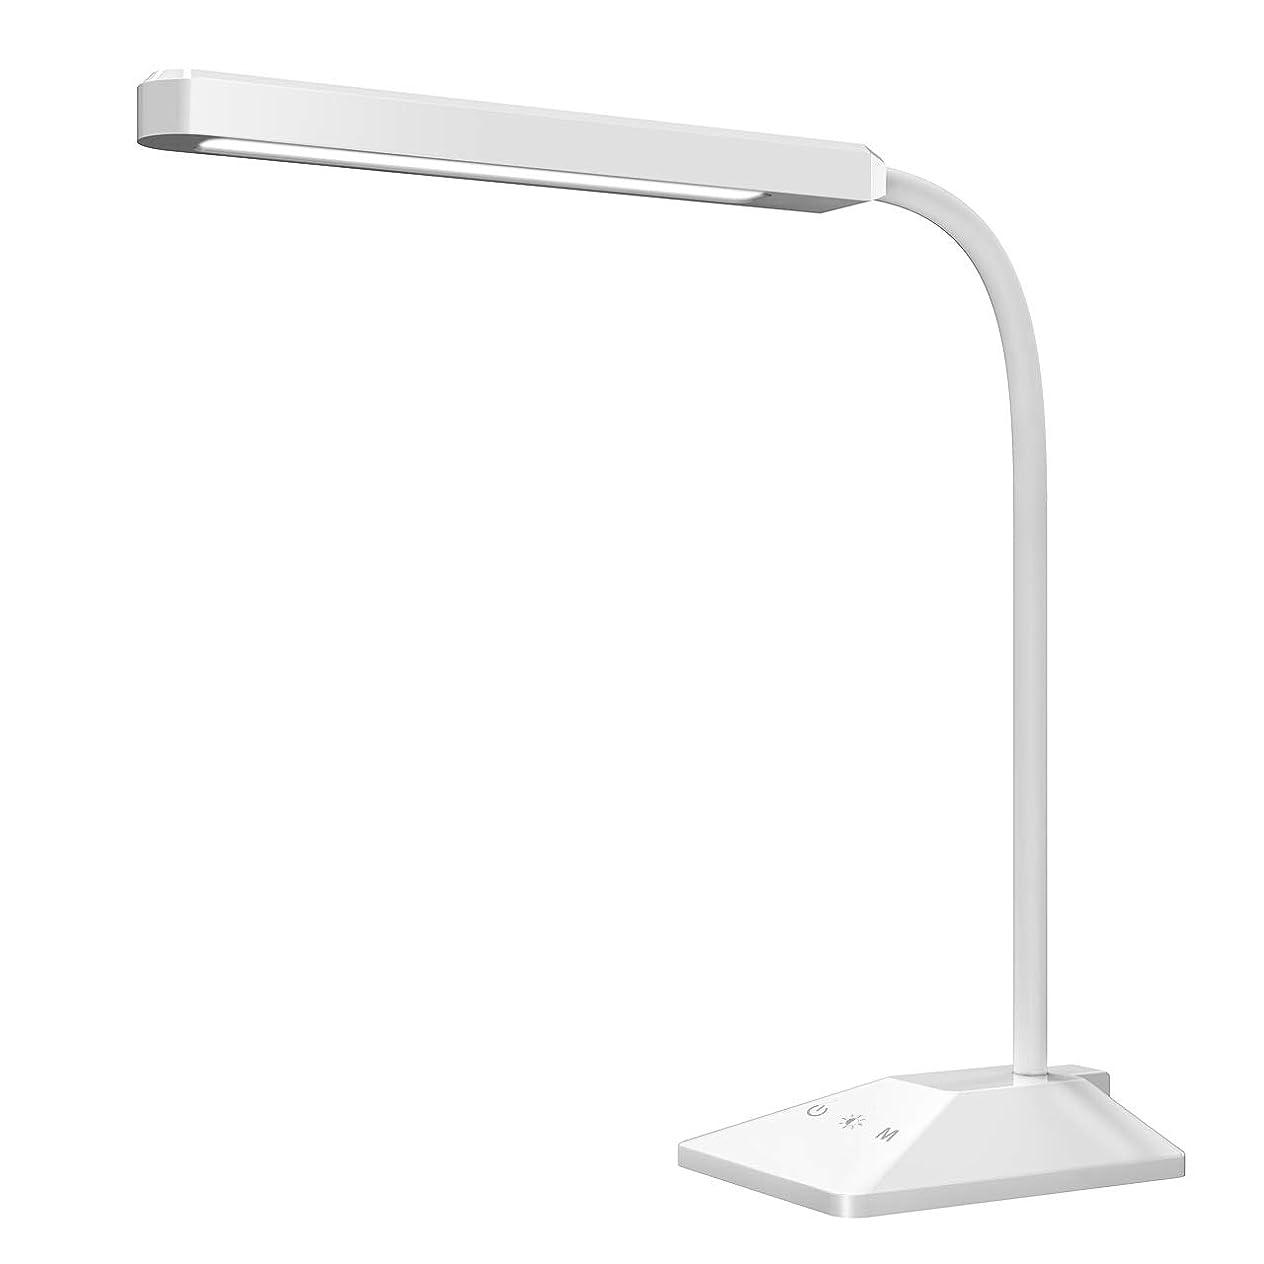 論理的にアルミニウム粘性の改良版 デスクライト Patech 電気スタンド USBポート搭載 5段階調光調色 LED卓上ライト タッチ操作 360度回転可能 読書 勉強 仕事 PSE認証 ホワイト